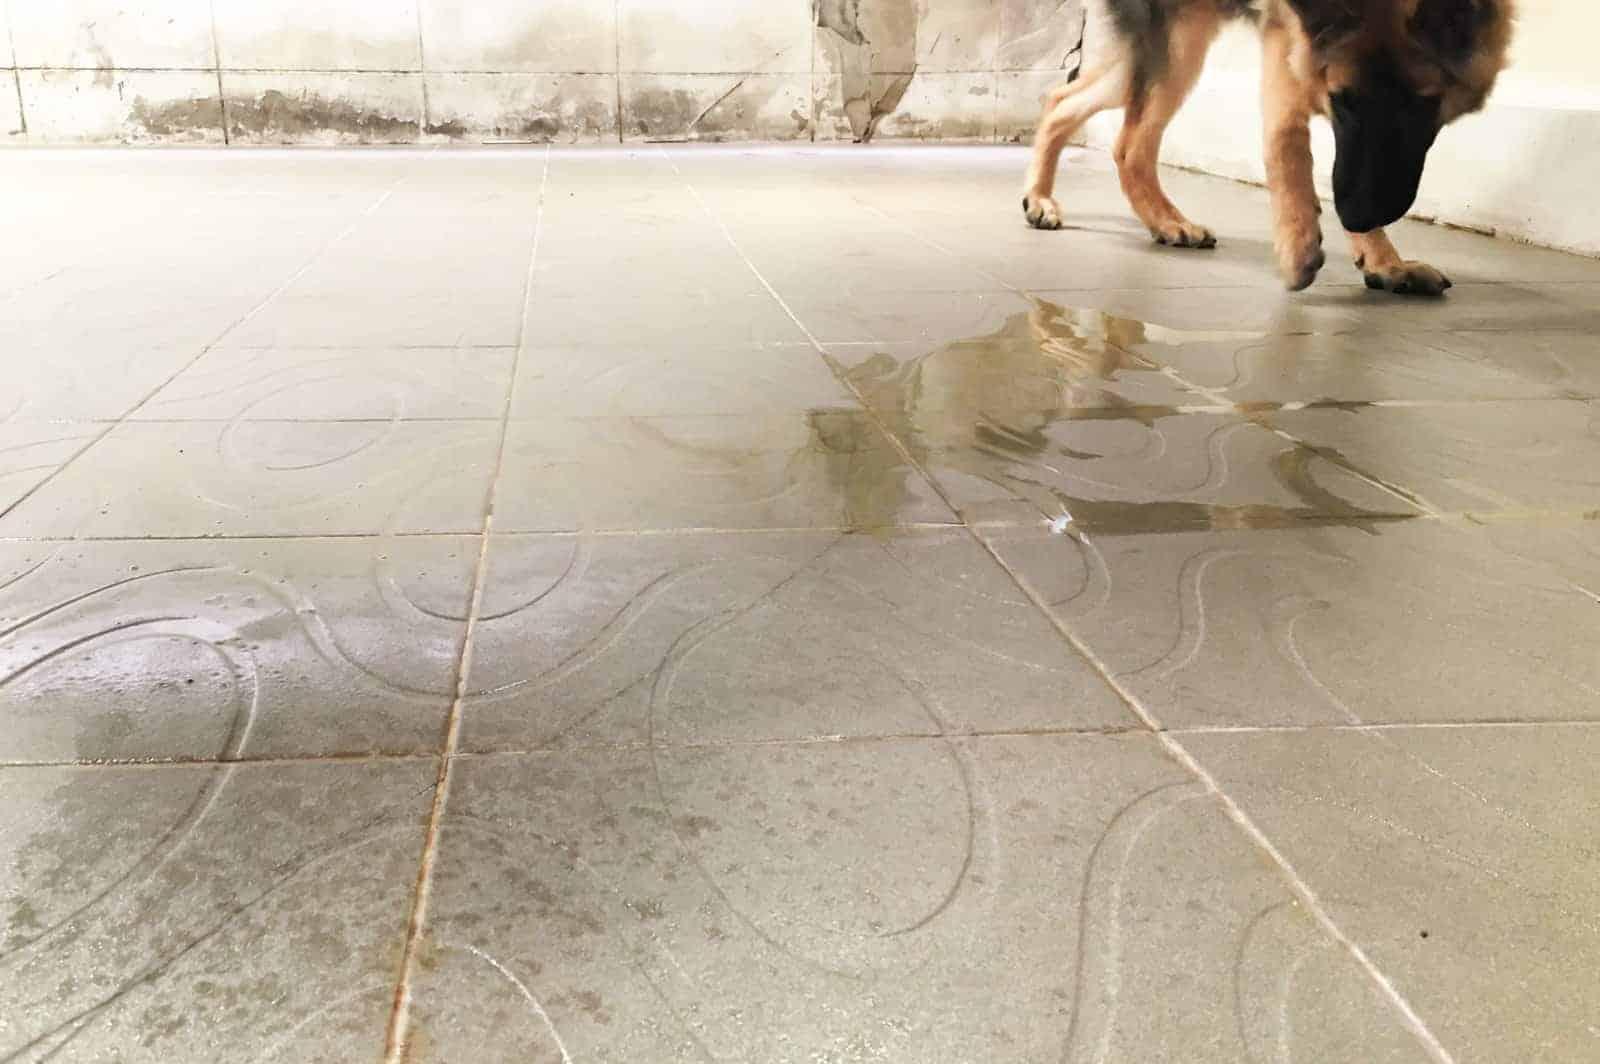 dog dribbling urine while walking